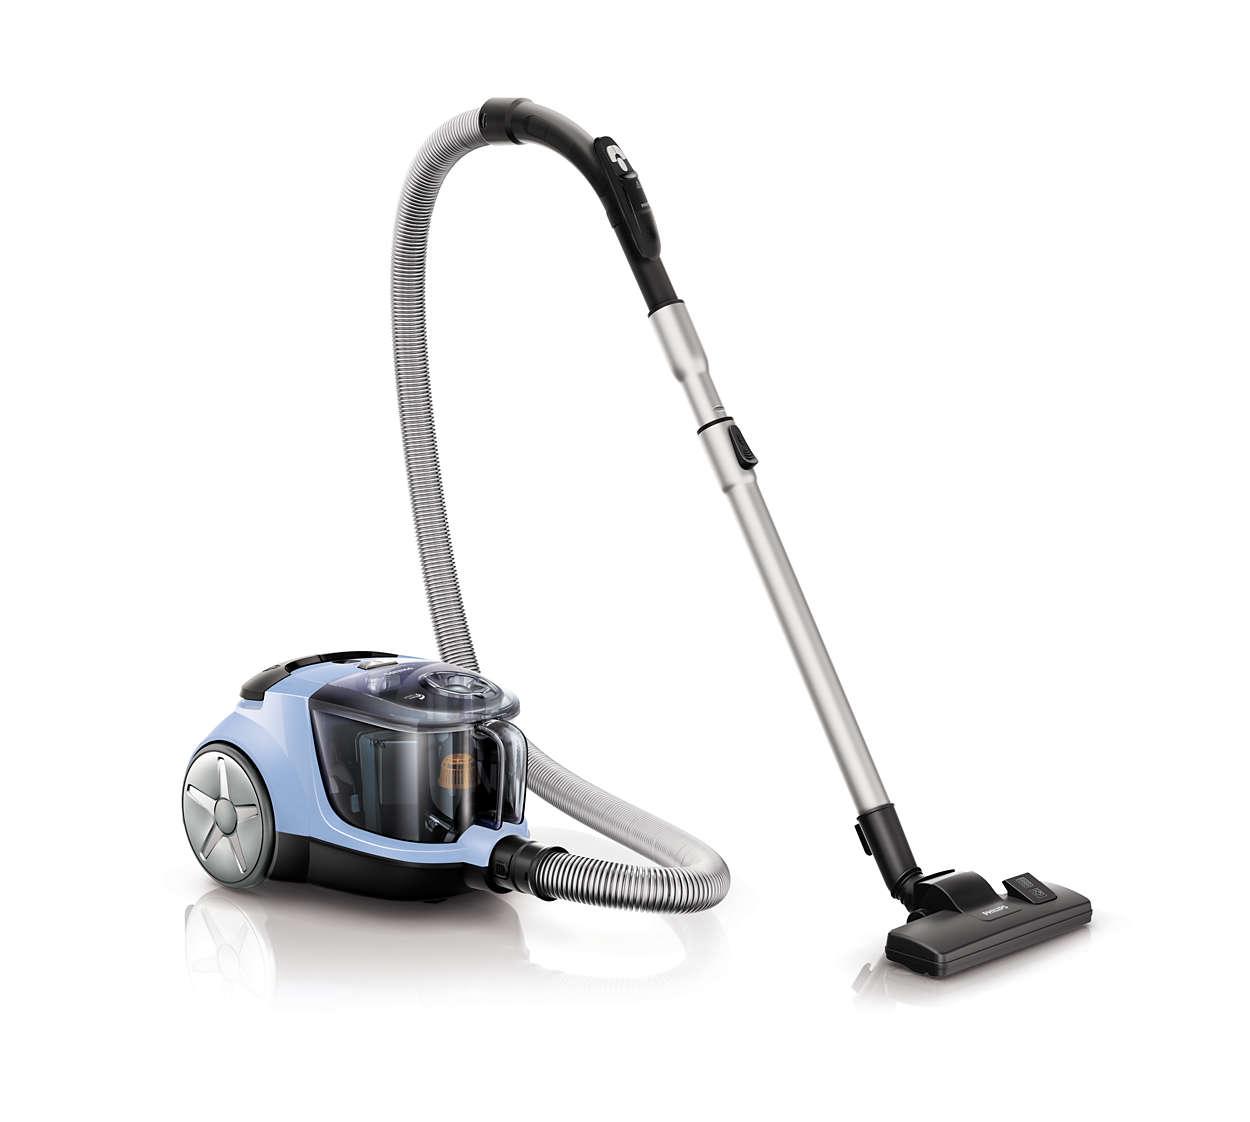 Высокая мощность всасывания для более тщательной уборки